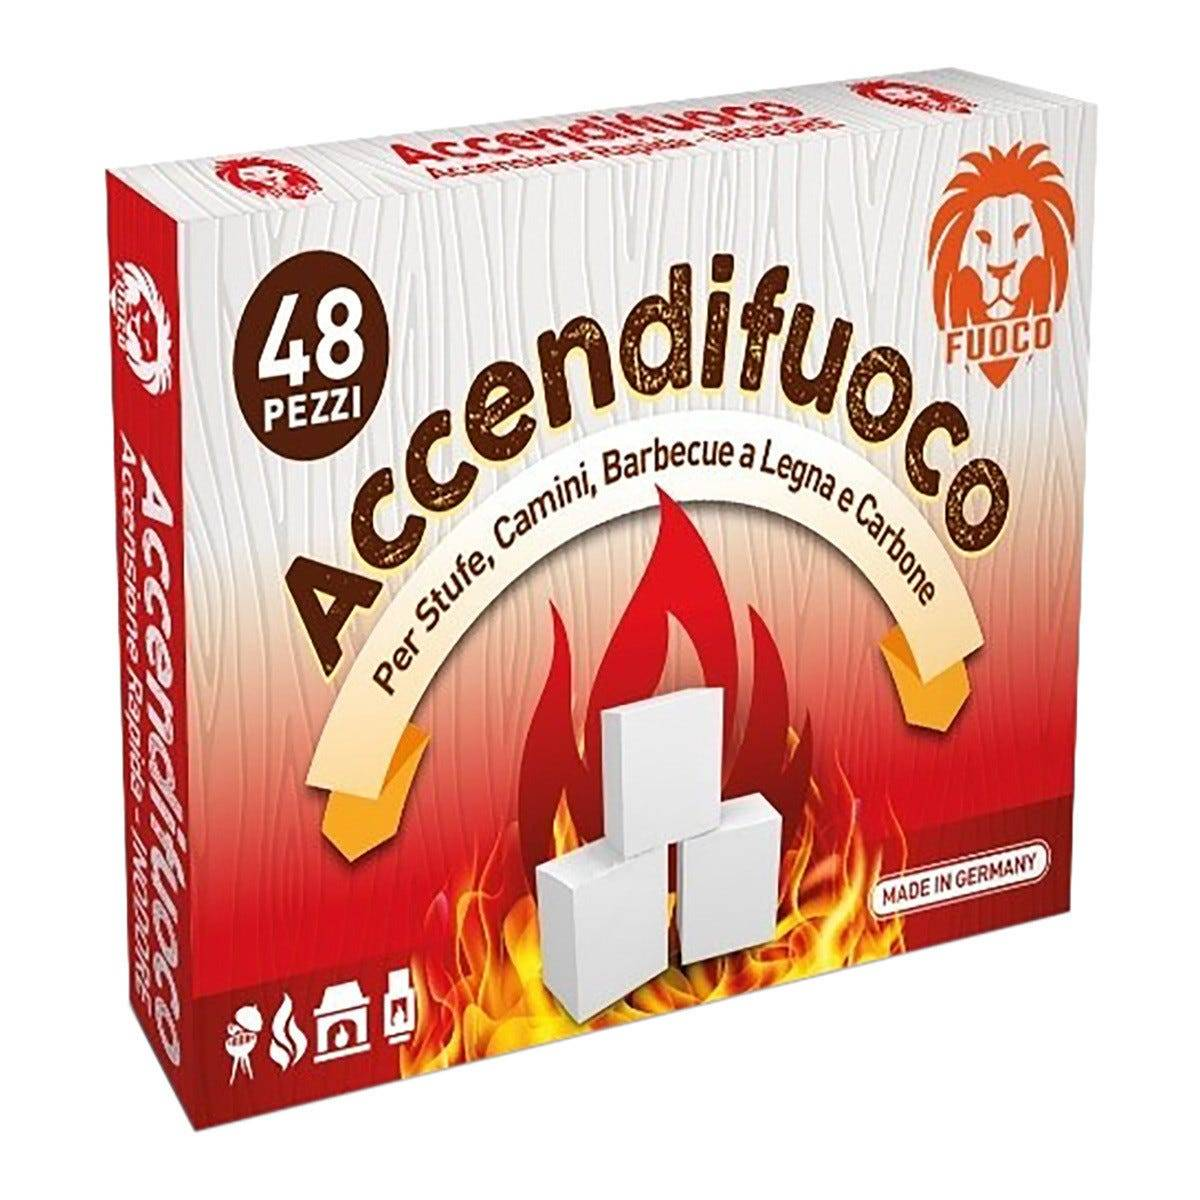 Accendifuoco In Cubetti 48 Pezzi